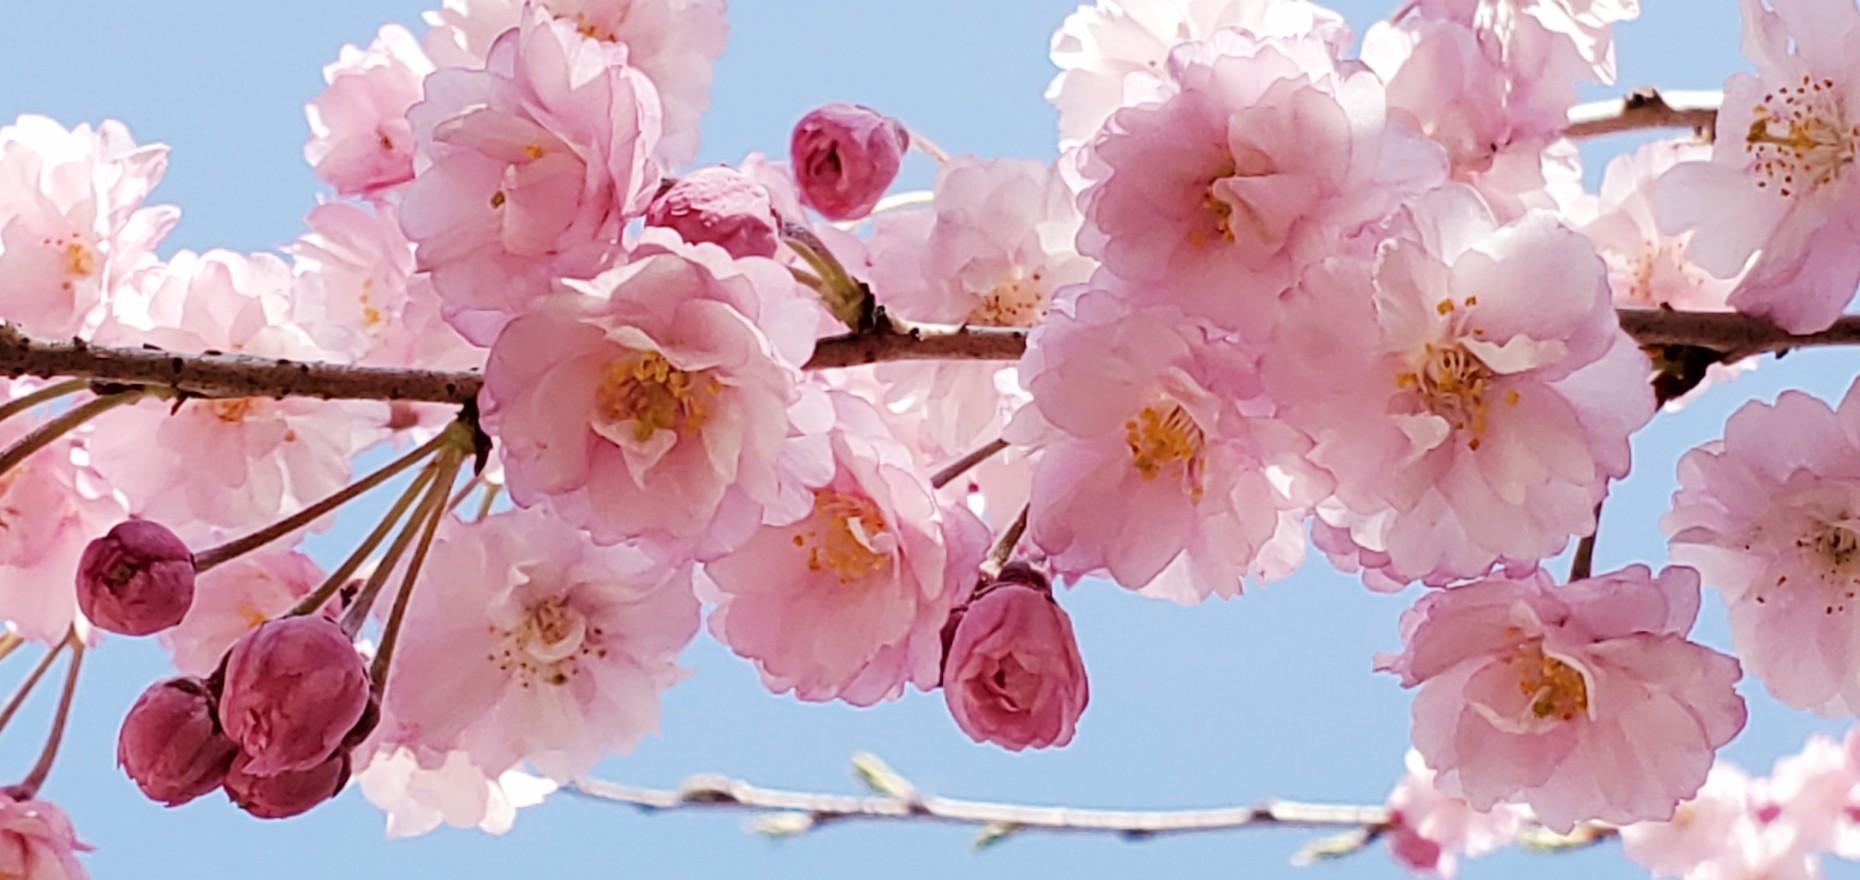 クリエイティブシード~開花編~「創造性の開花~よろこびのままに自由に生きる~」_f0006208_21185419.jpg